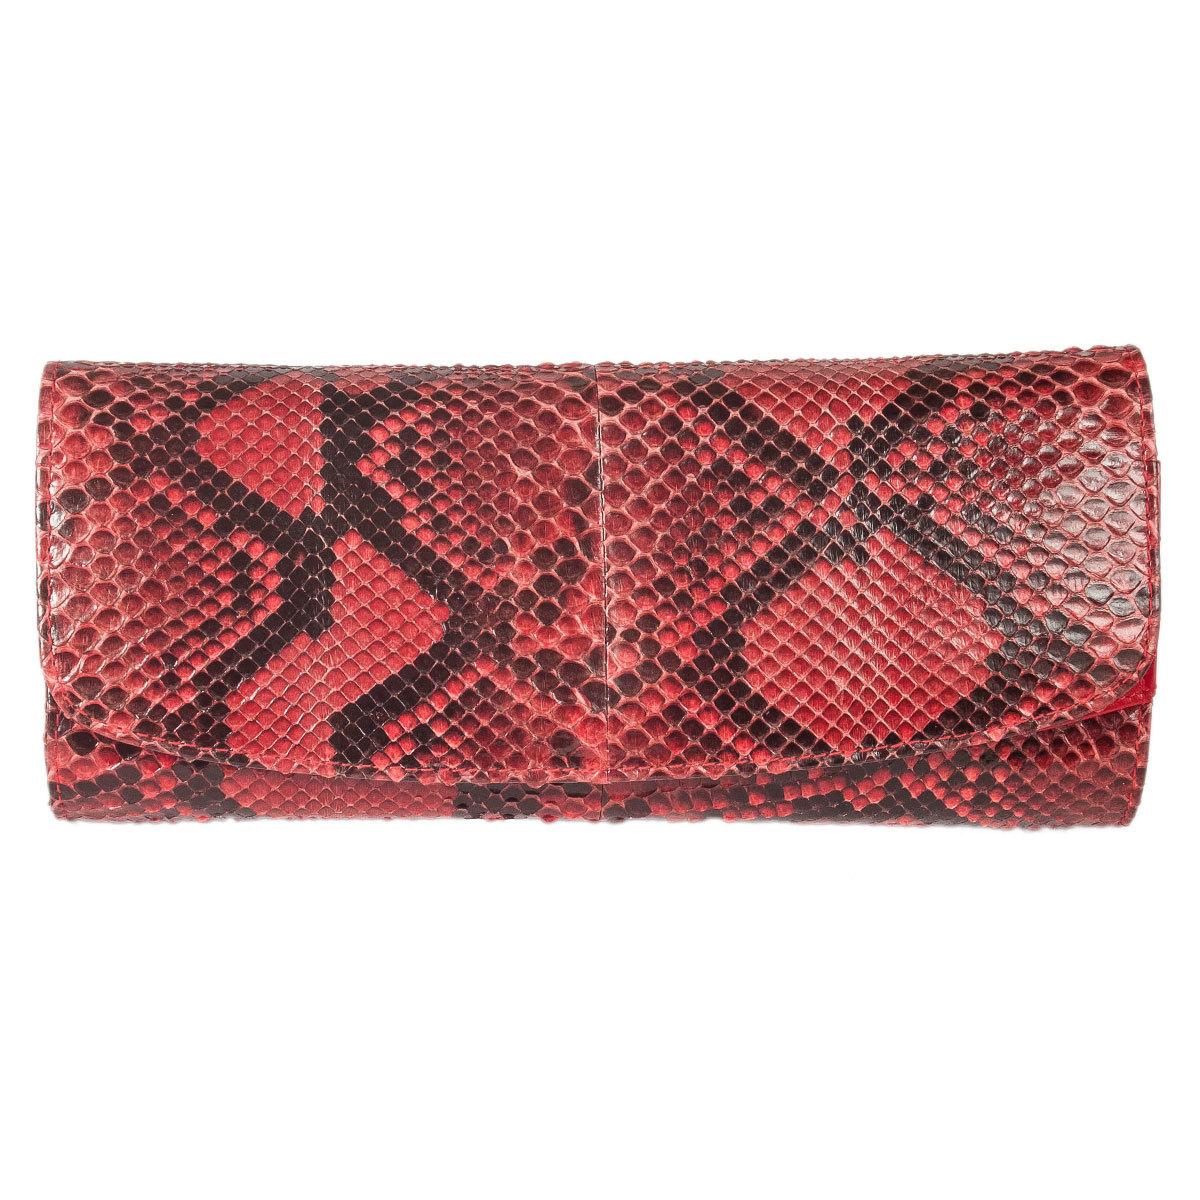 Купить мужской клатч кожаный Цена 1990-2990 руб